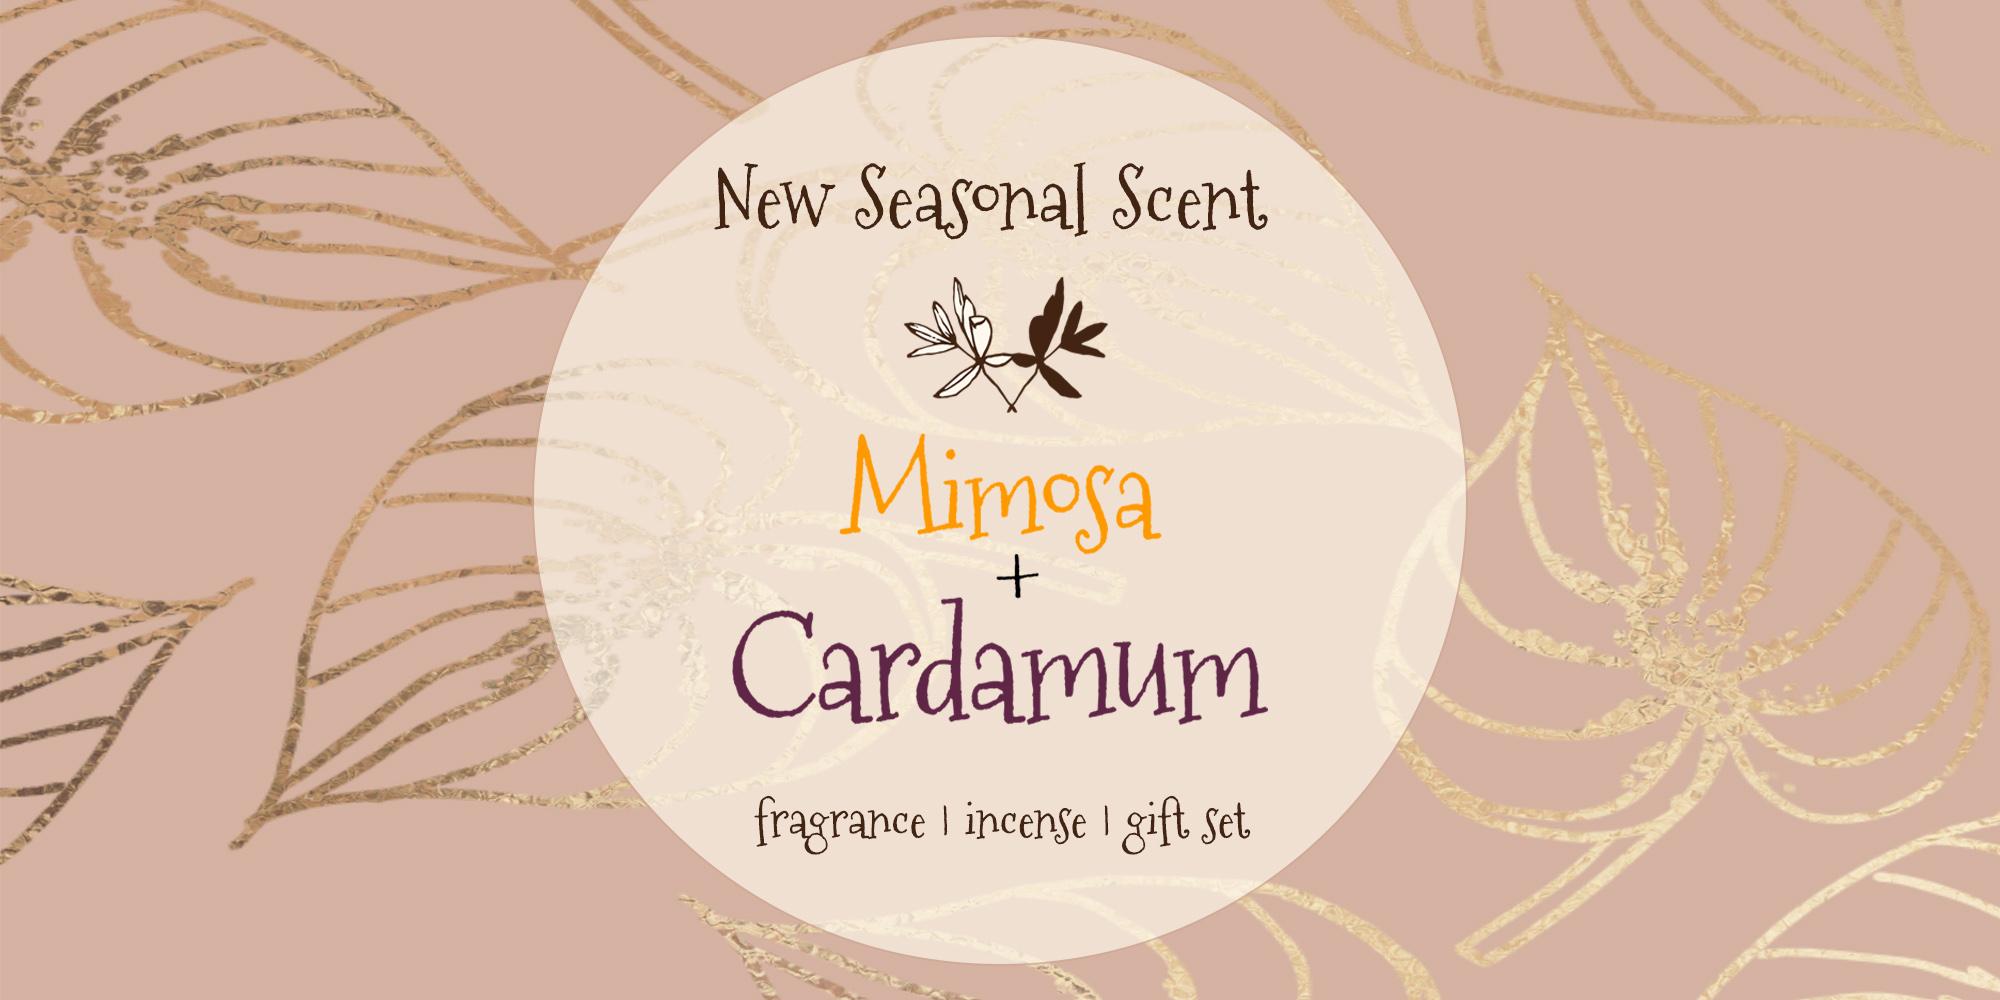 mimosacardamum